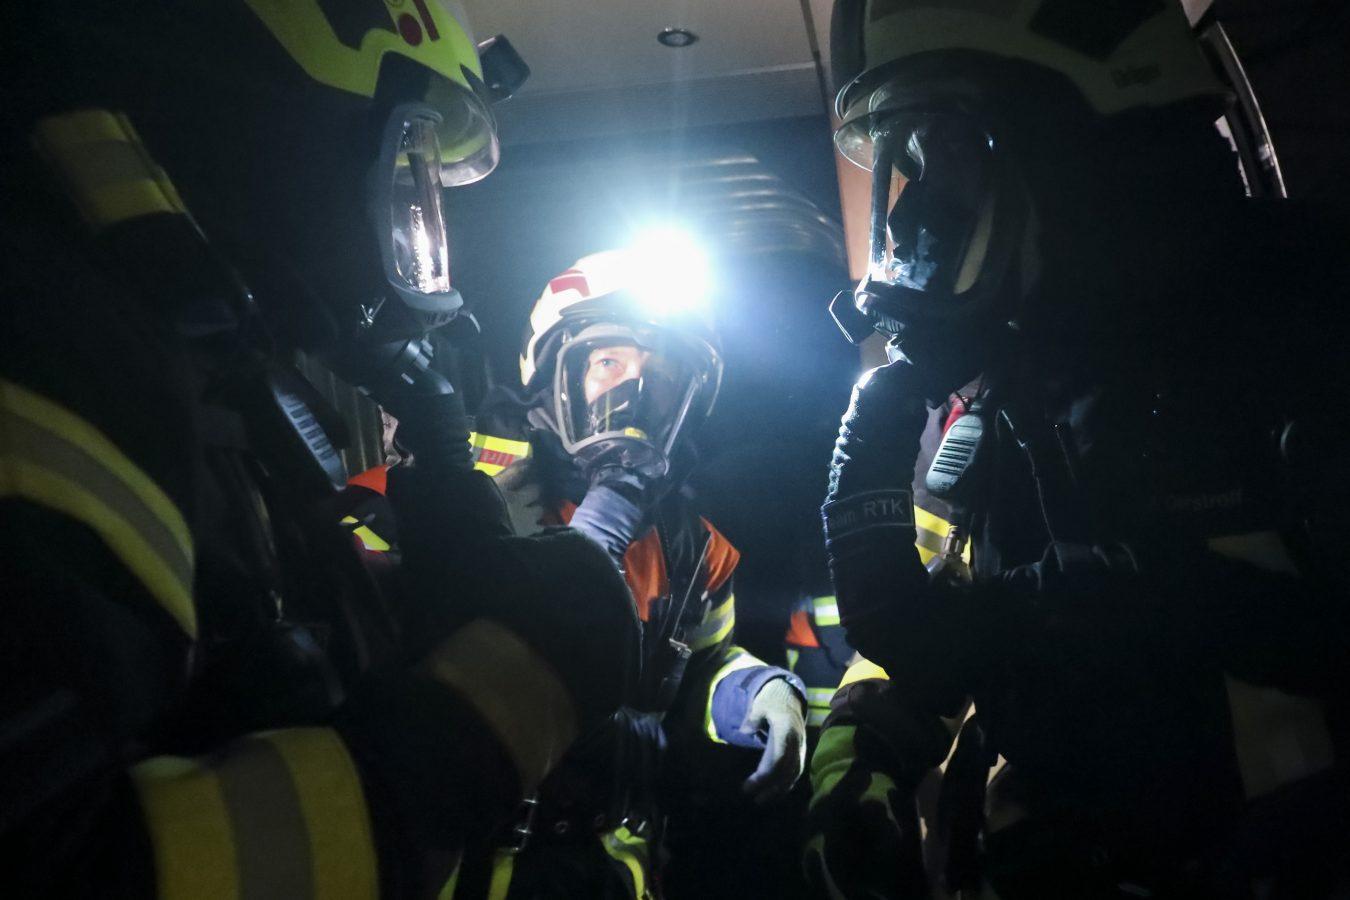 Tunnelblick: Rettungsübung in Niedernhausener ICE-Tunnel